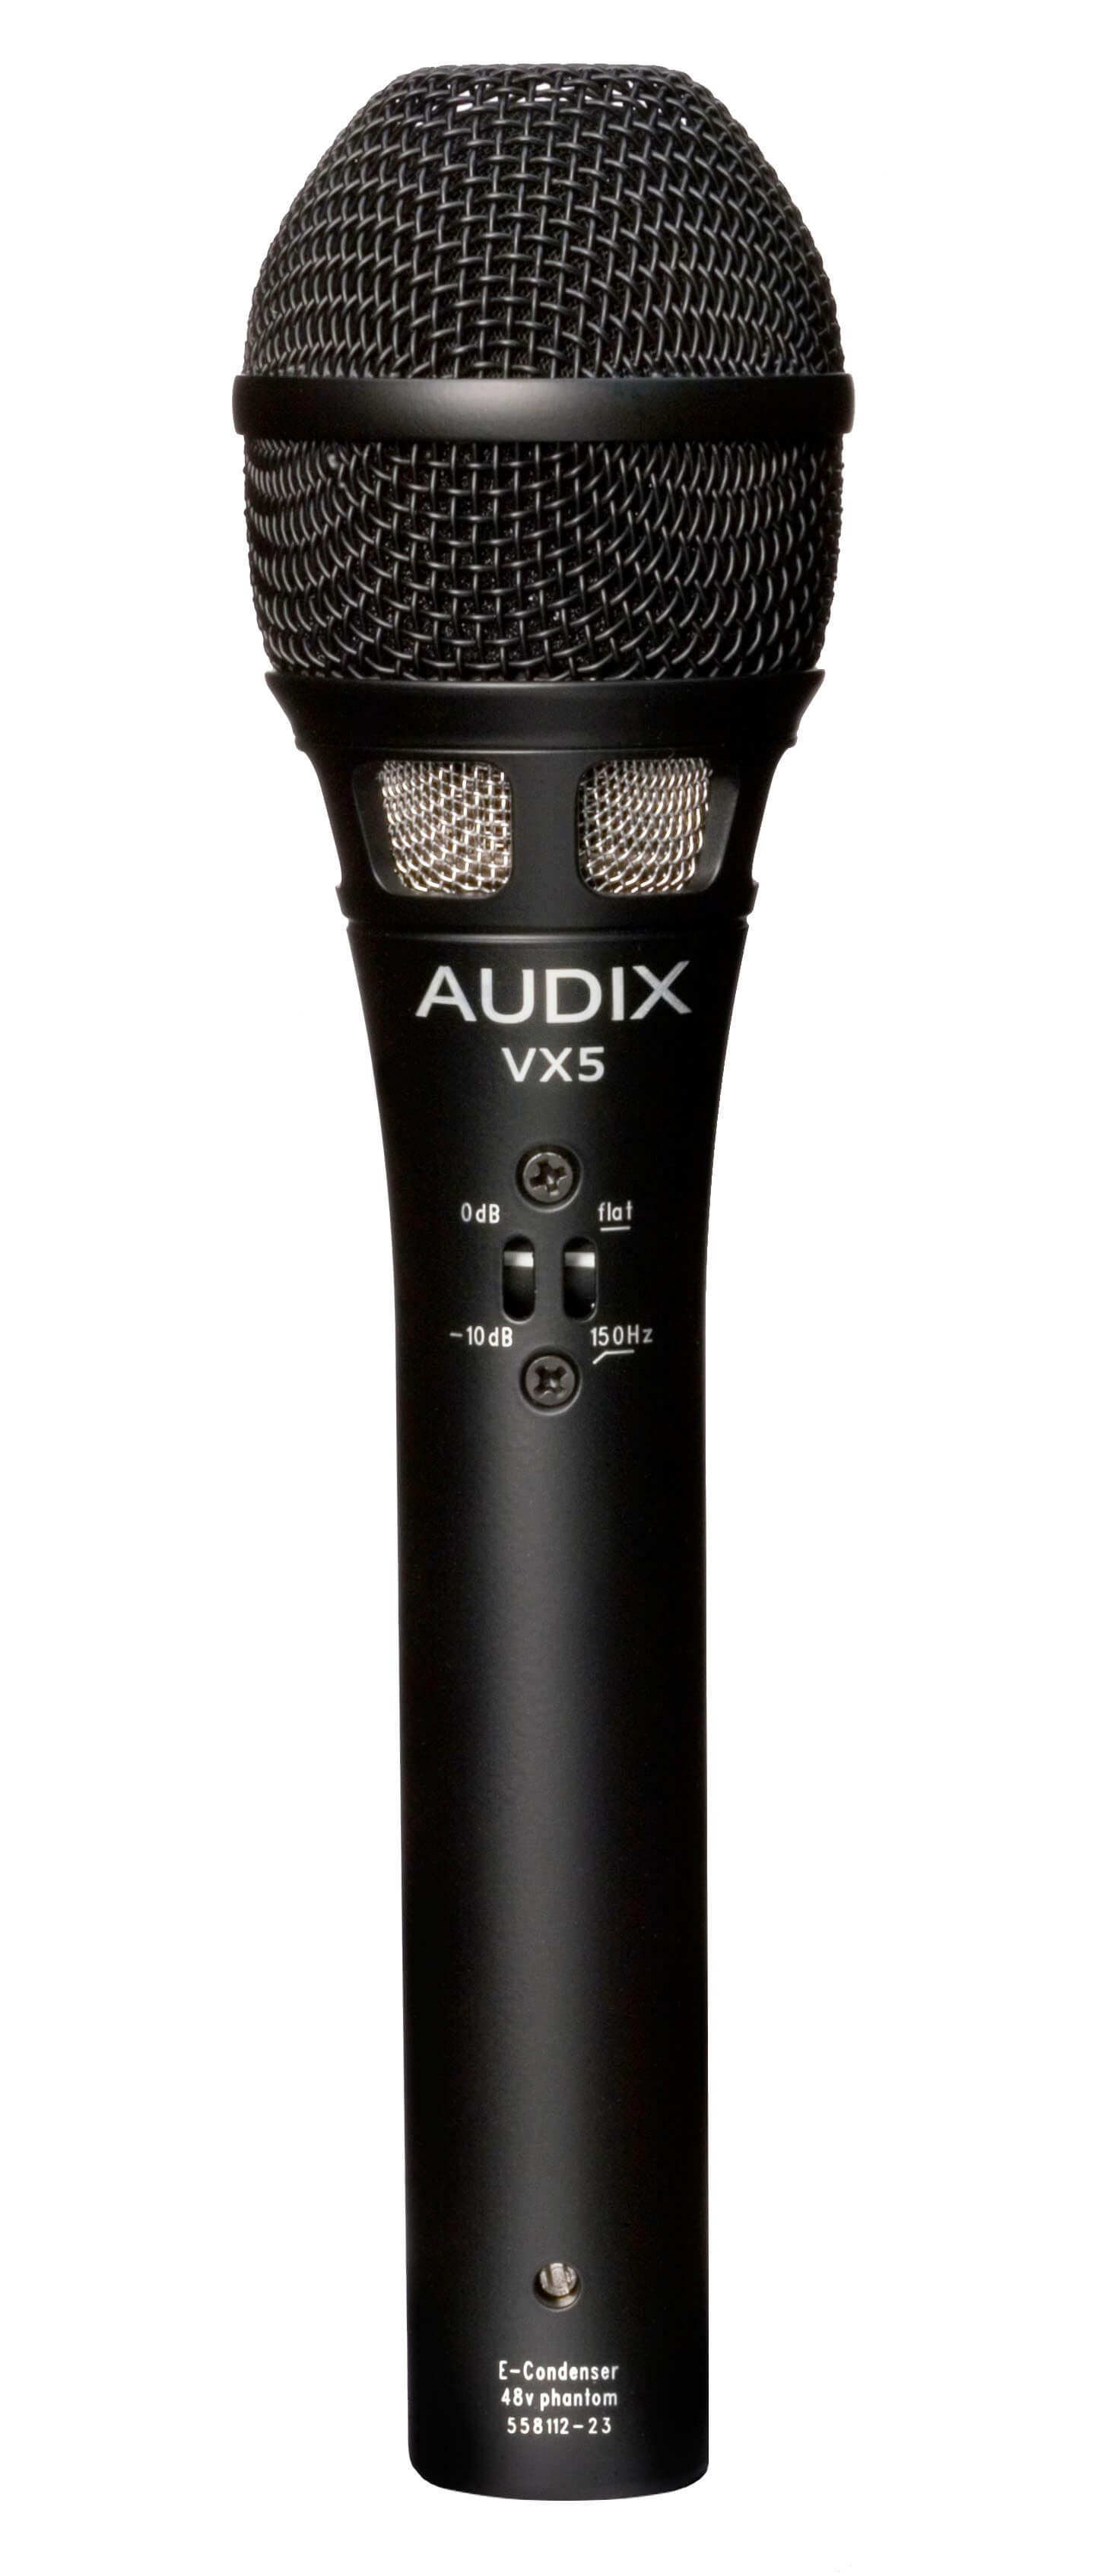 Micrófono dinámico vocal Audix VX5